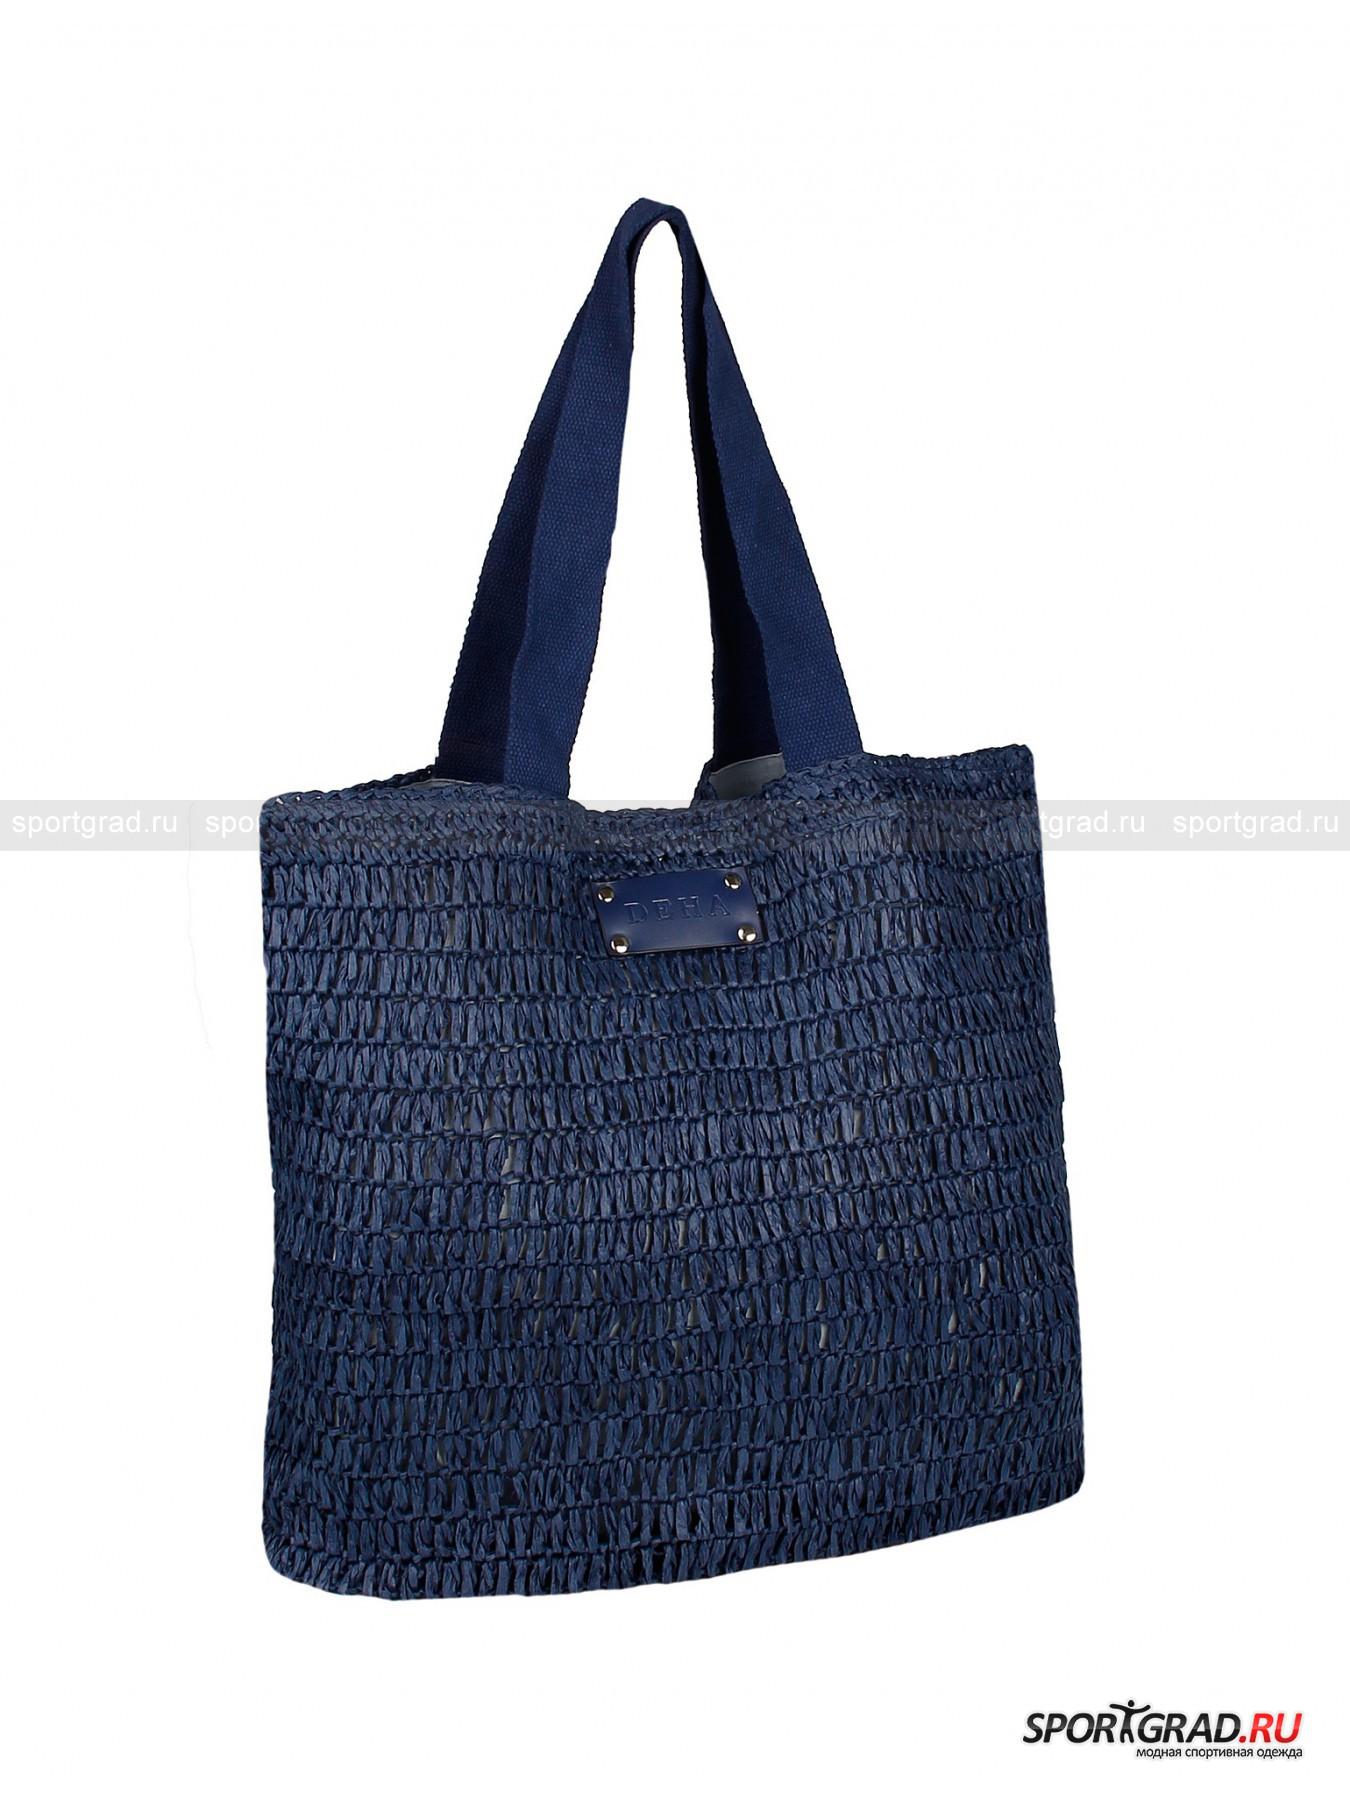 Cумка Bag DEHA от Спортград